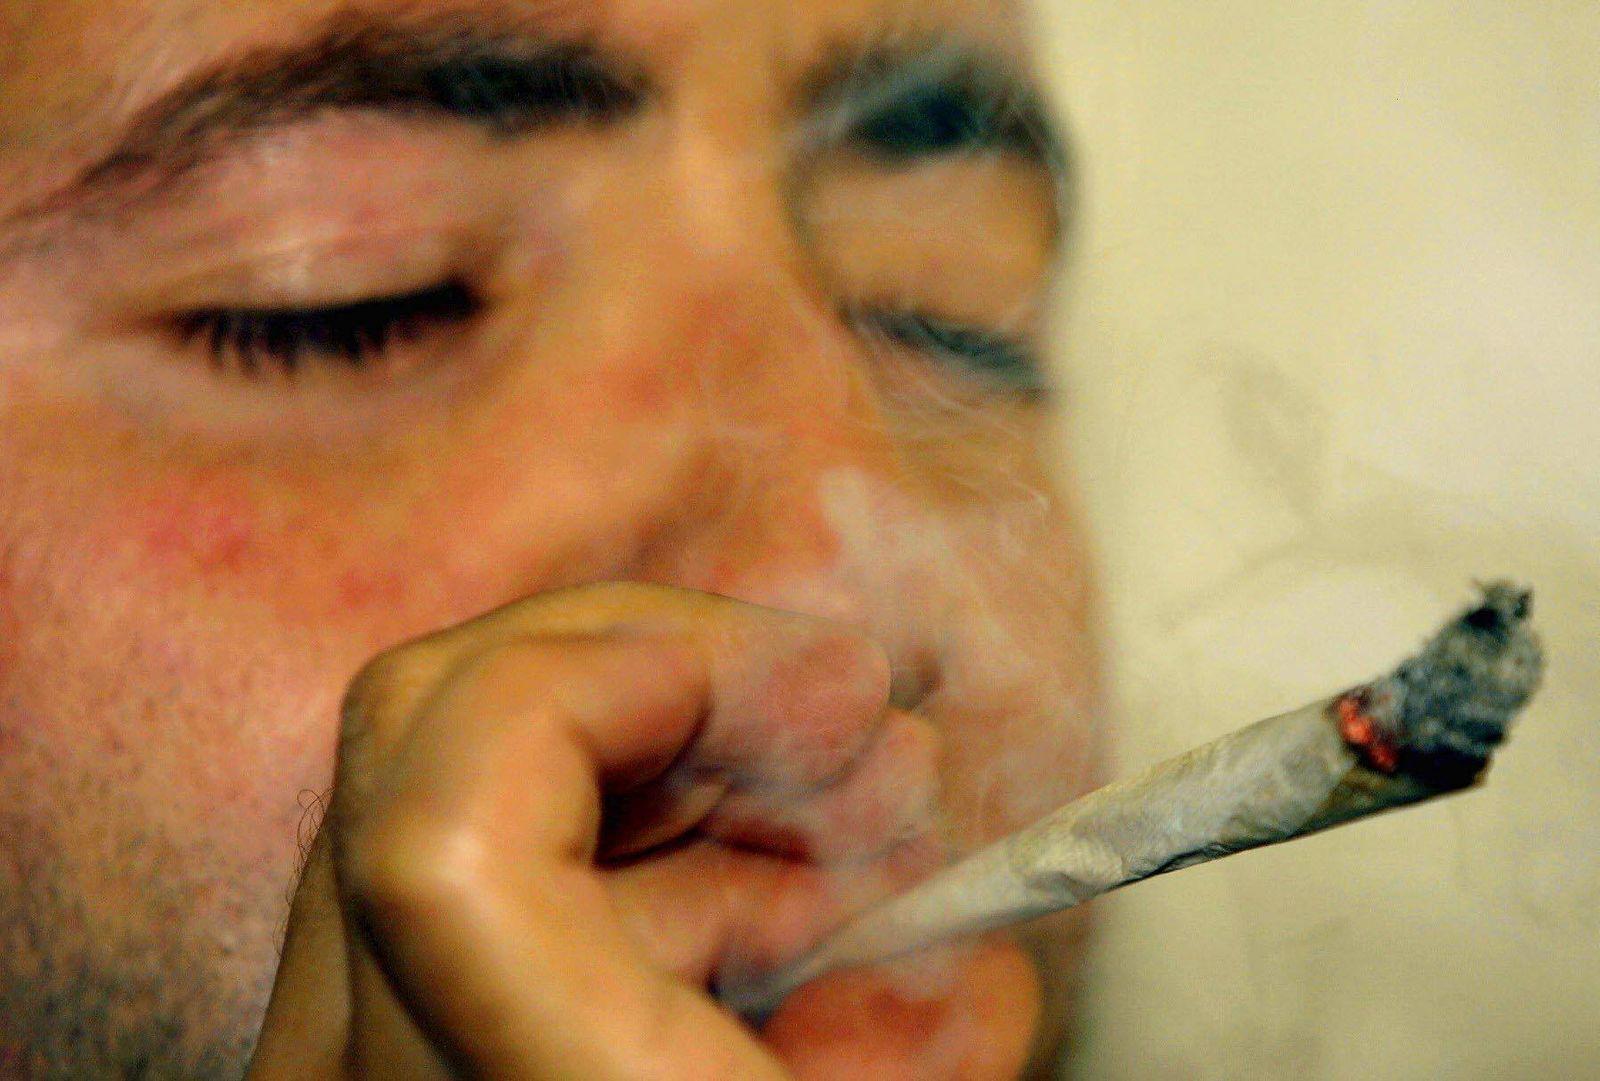 NICHT VERWENDEN Mann raucht Joint